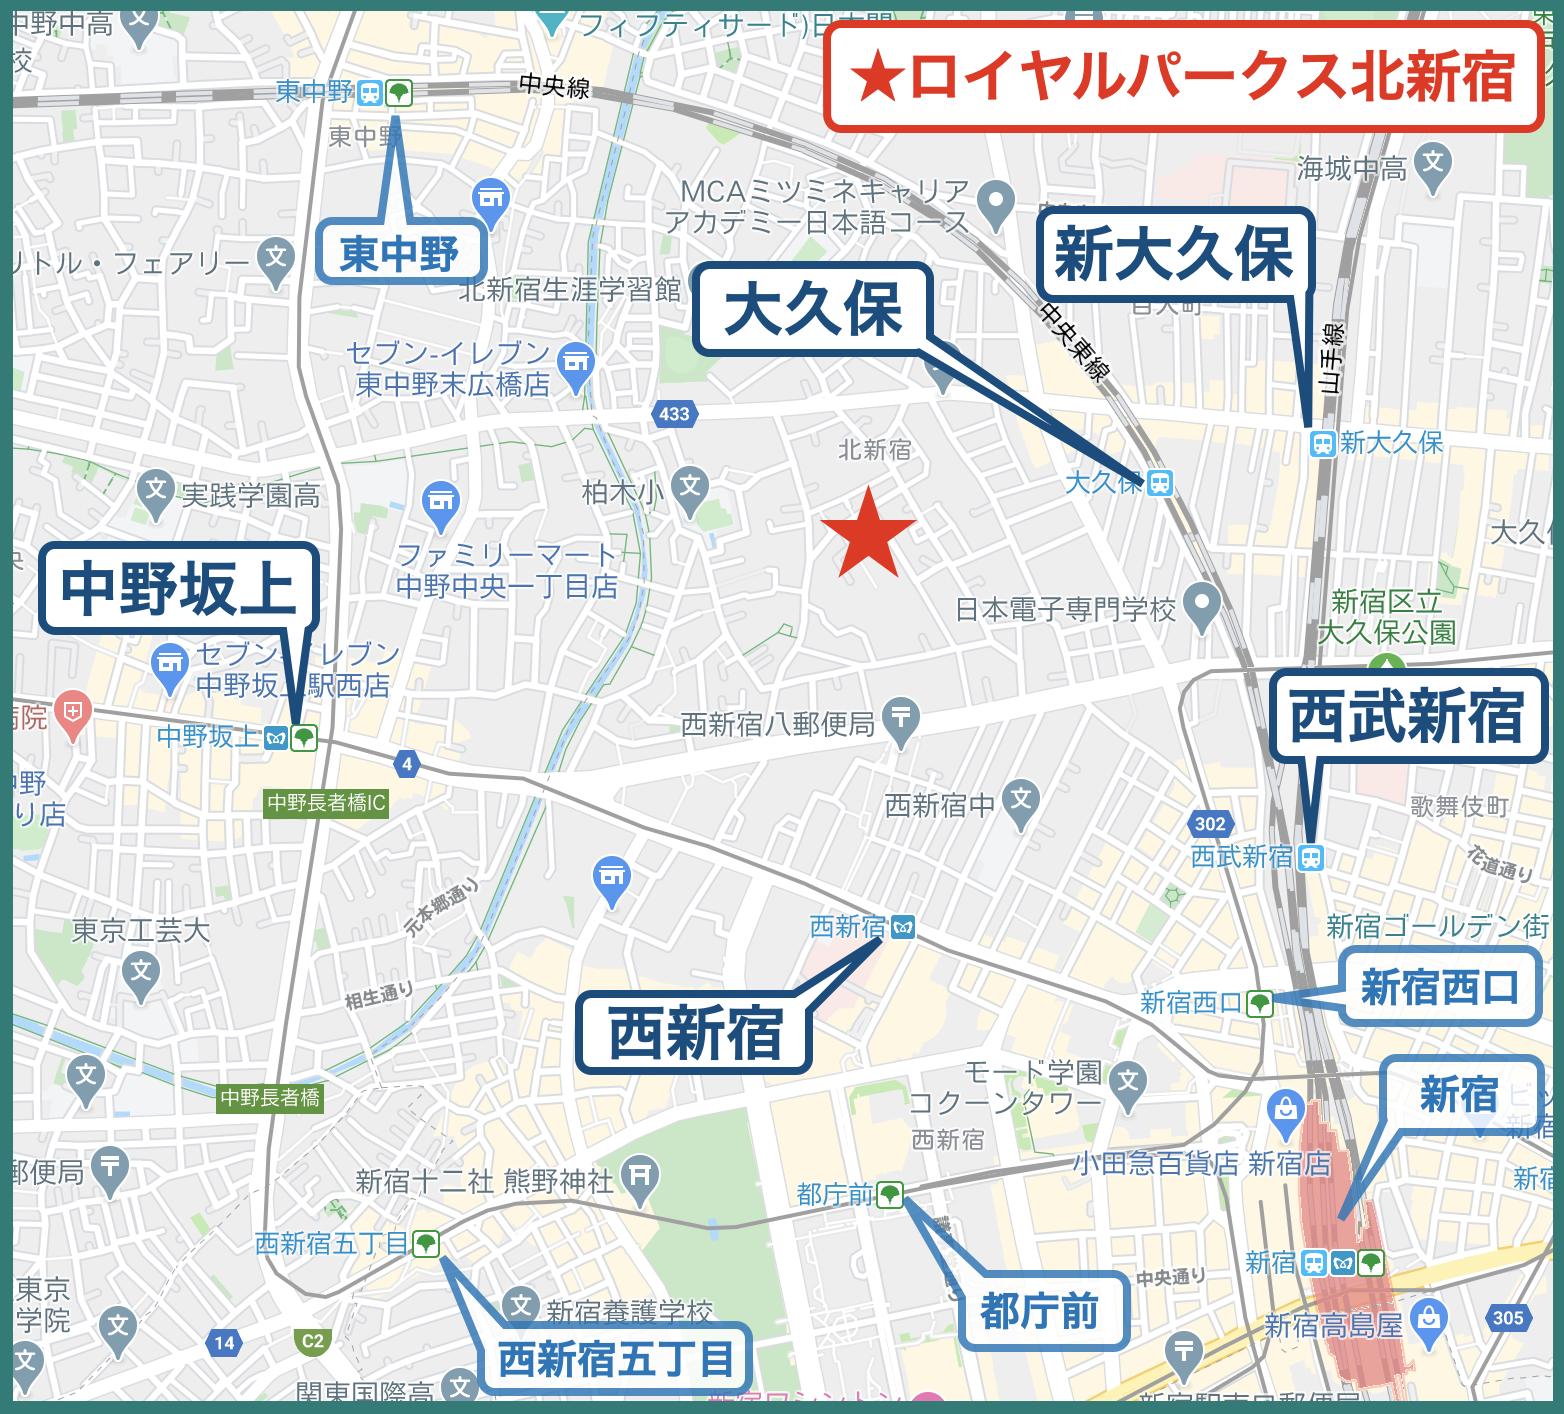 ロイヤルパークス北新宿の立地